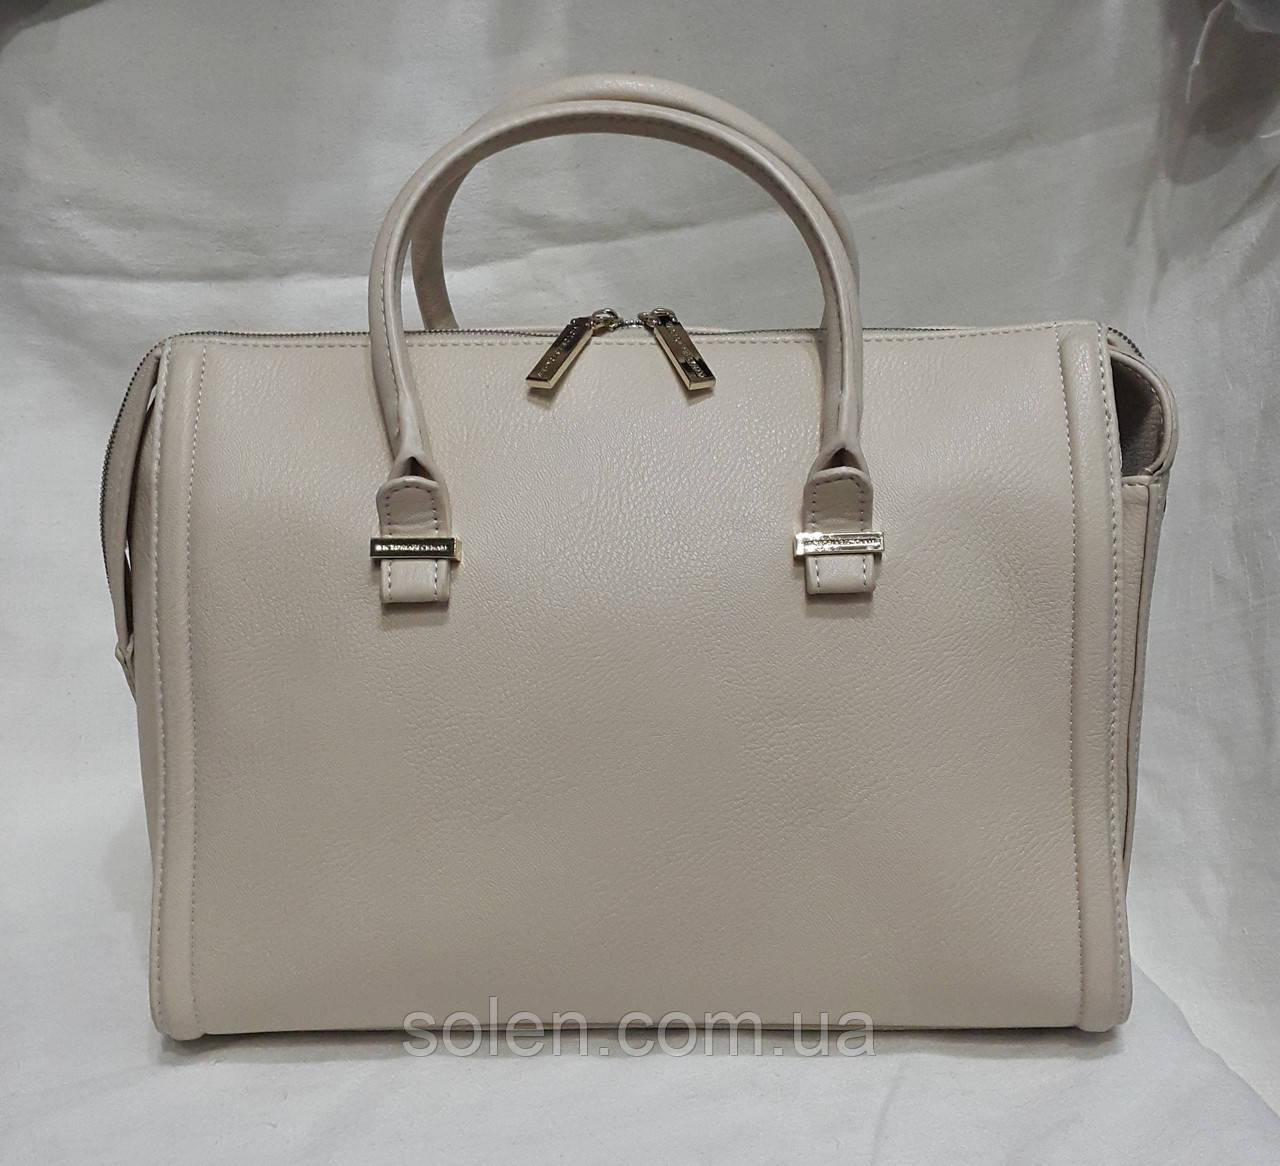 Жіноча сумка зі шкірозамінника.Стильна,модна сумка.